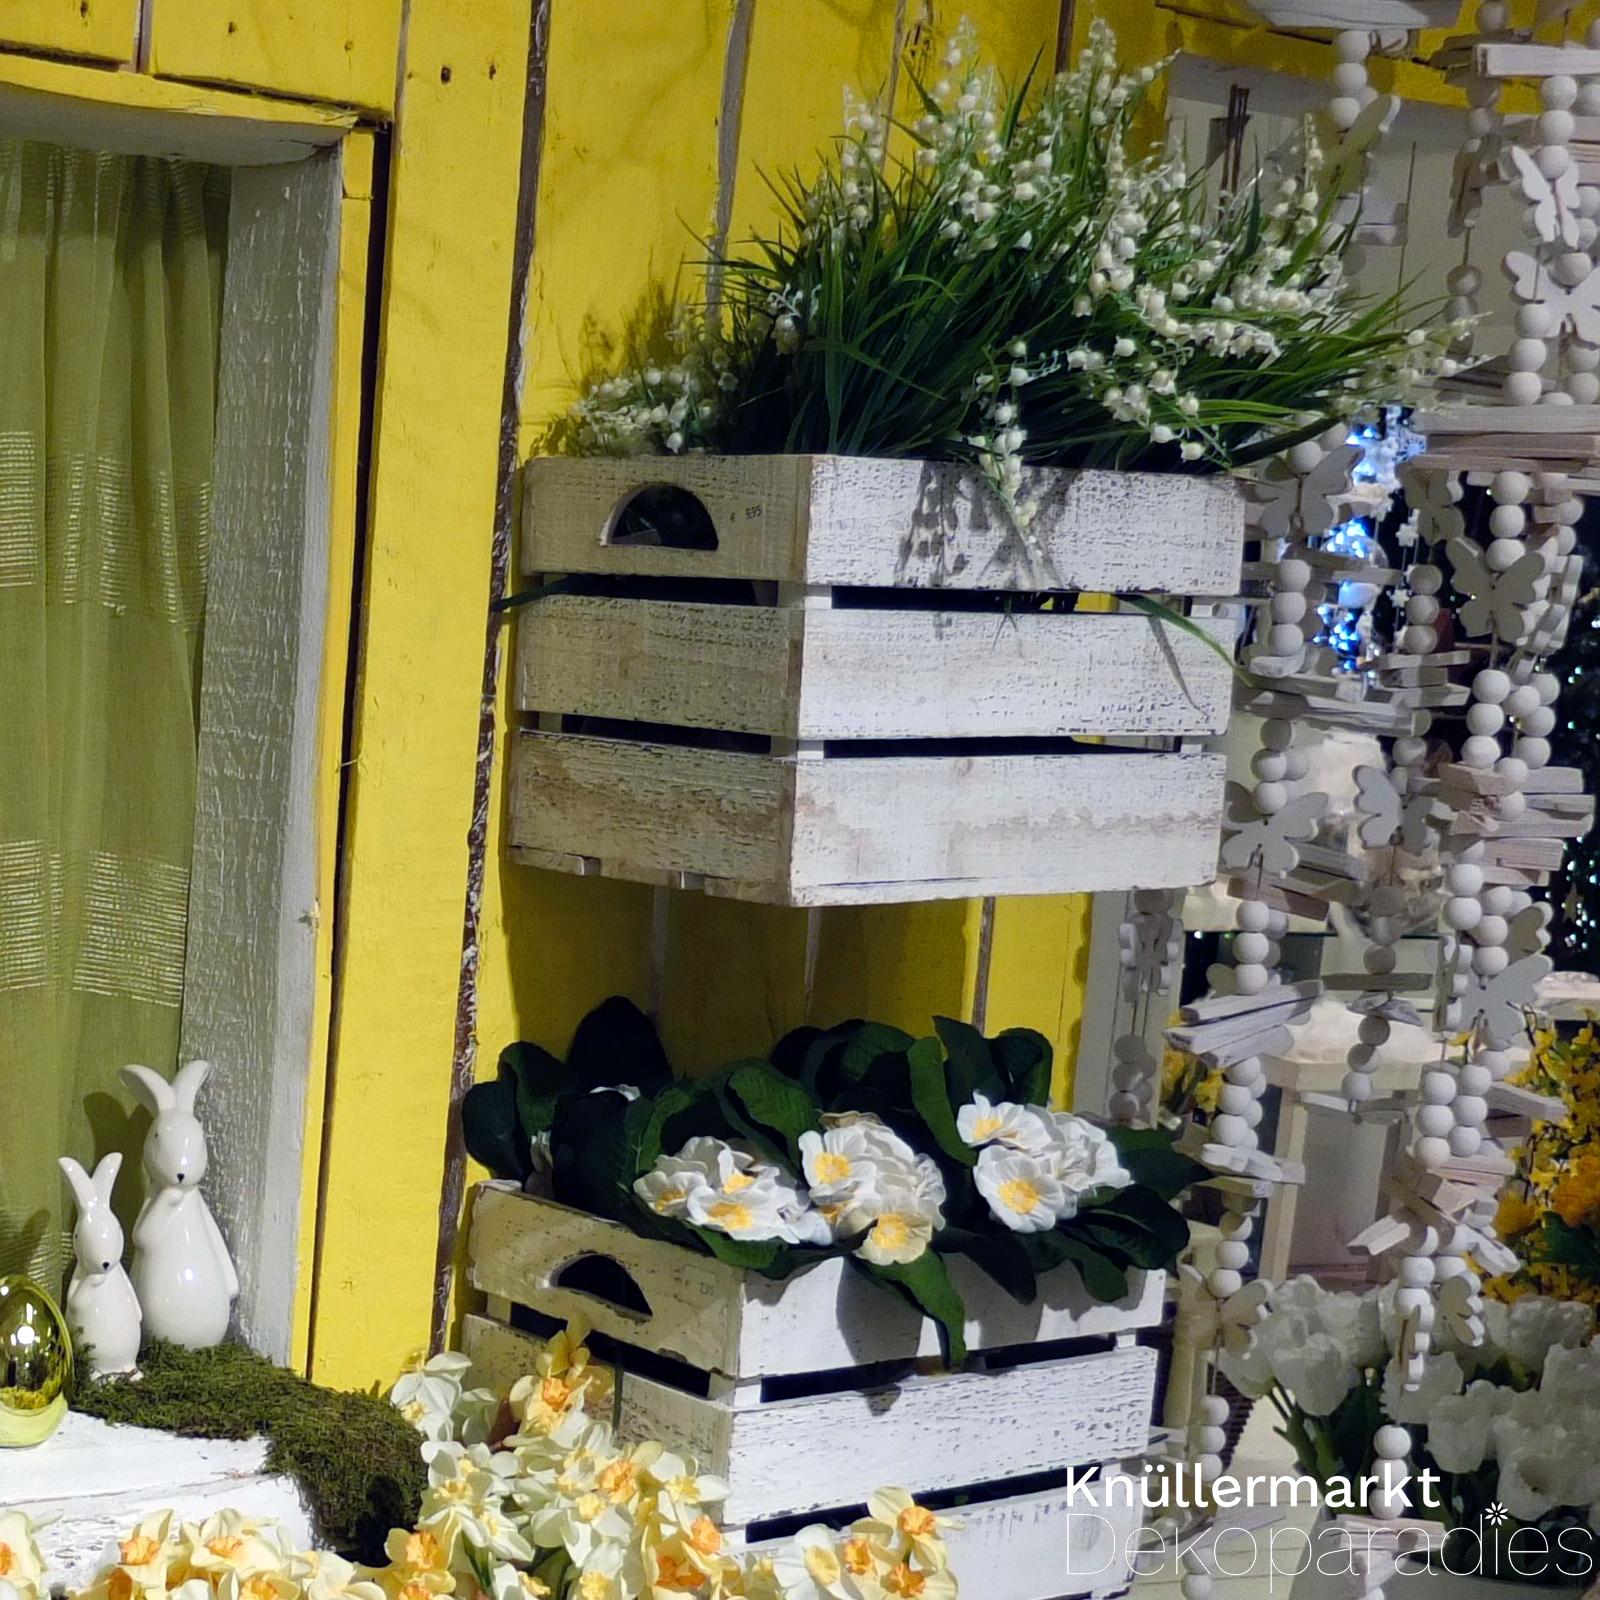 gallerie-1-themenseite-fruehling-oster-blumen-deko-paradies-knuellermarkt